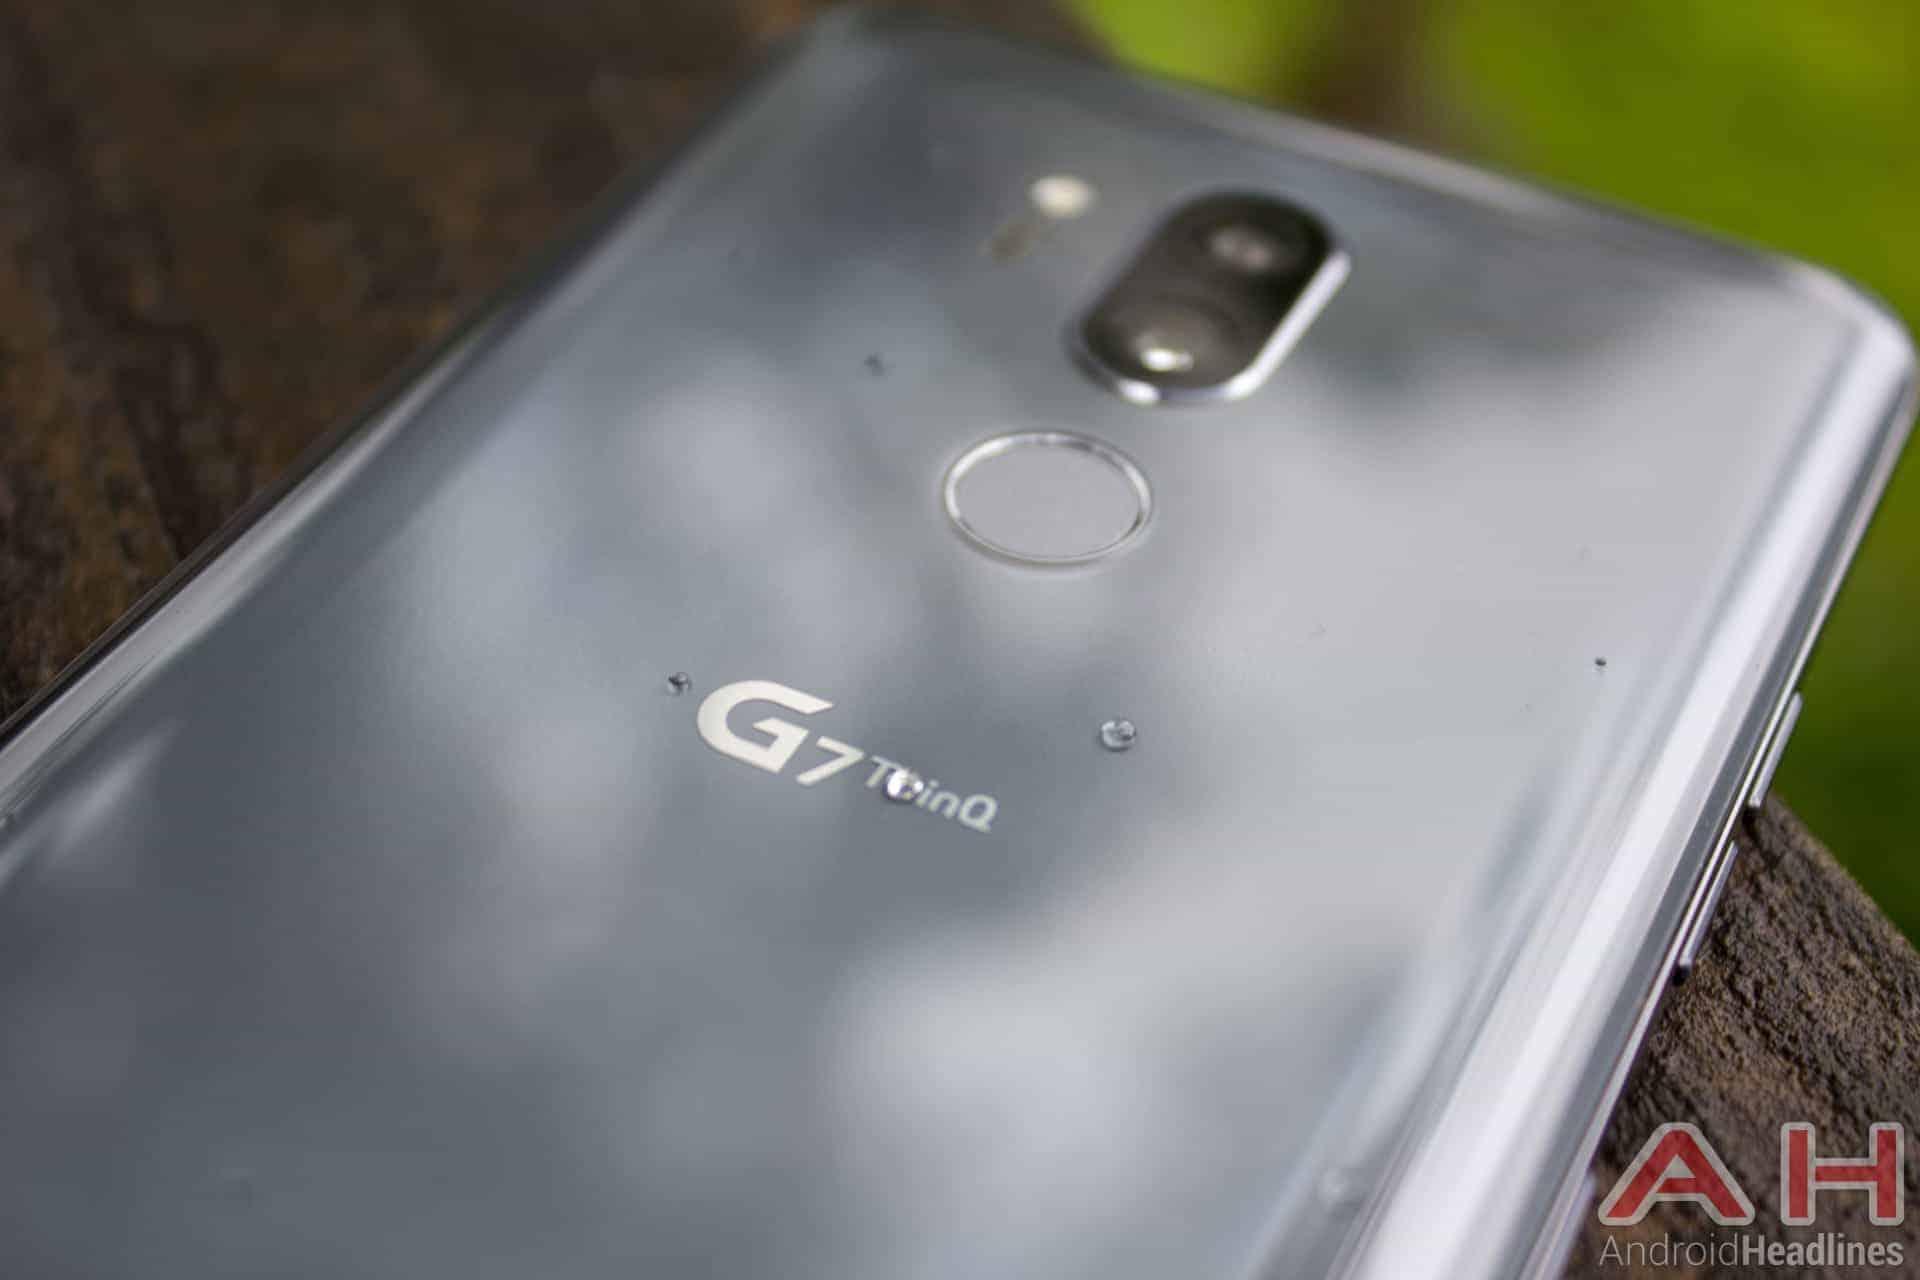 Phone Comparisons: LG G7 ThinQ vs Sony Xperia XZ2